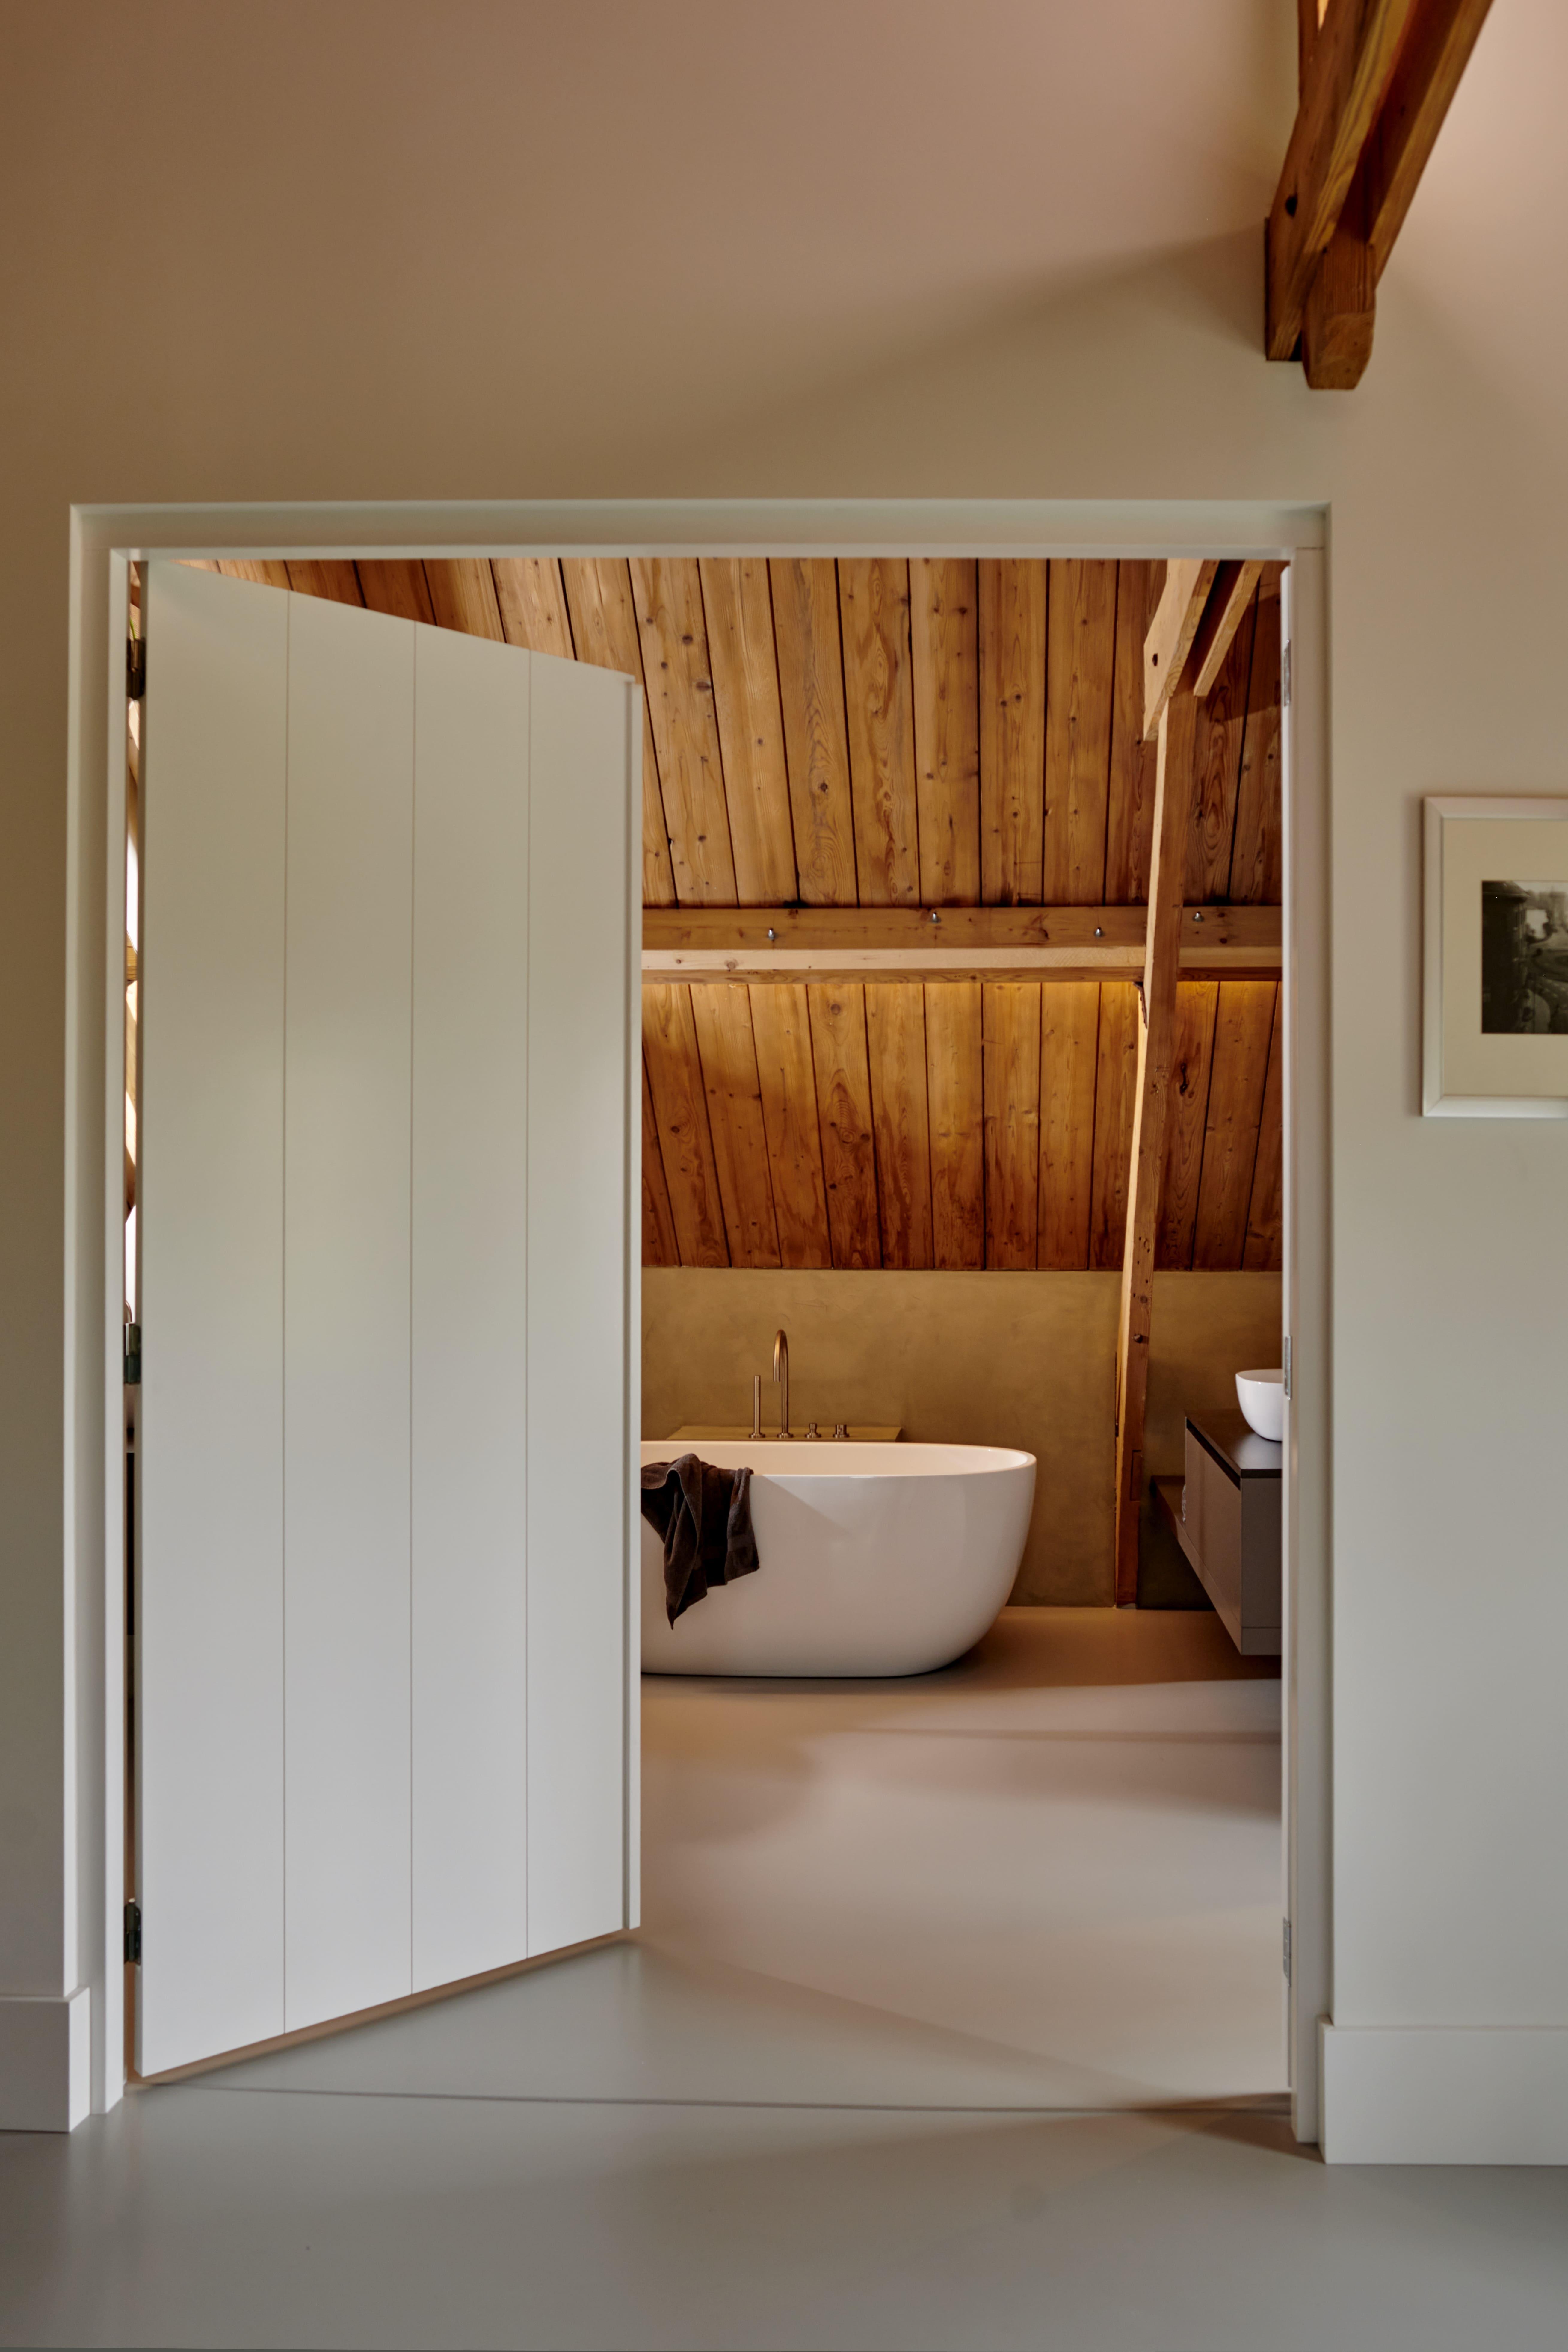 De deur naar de badkamer